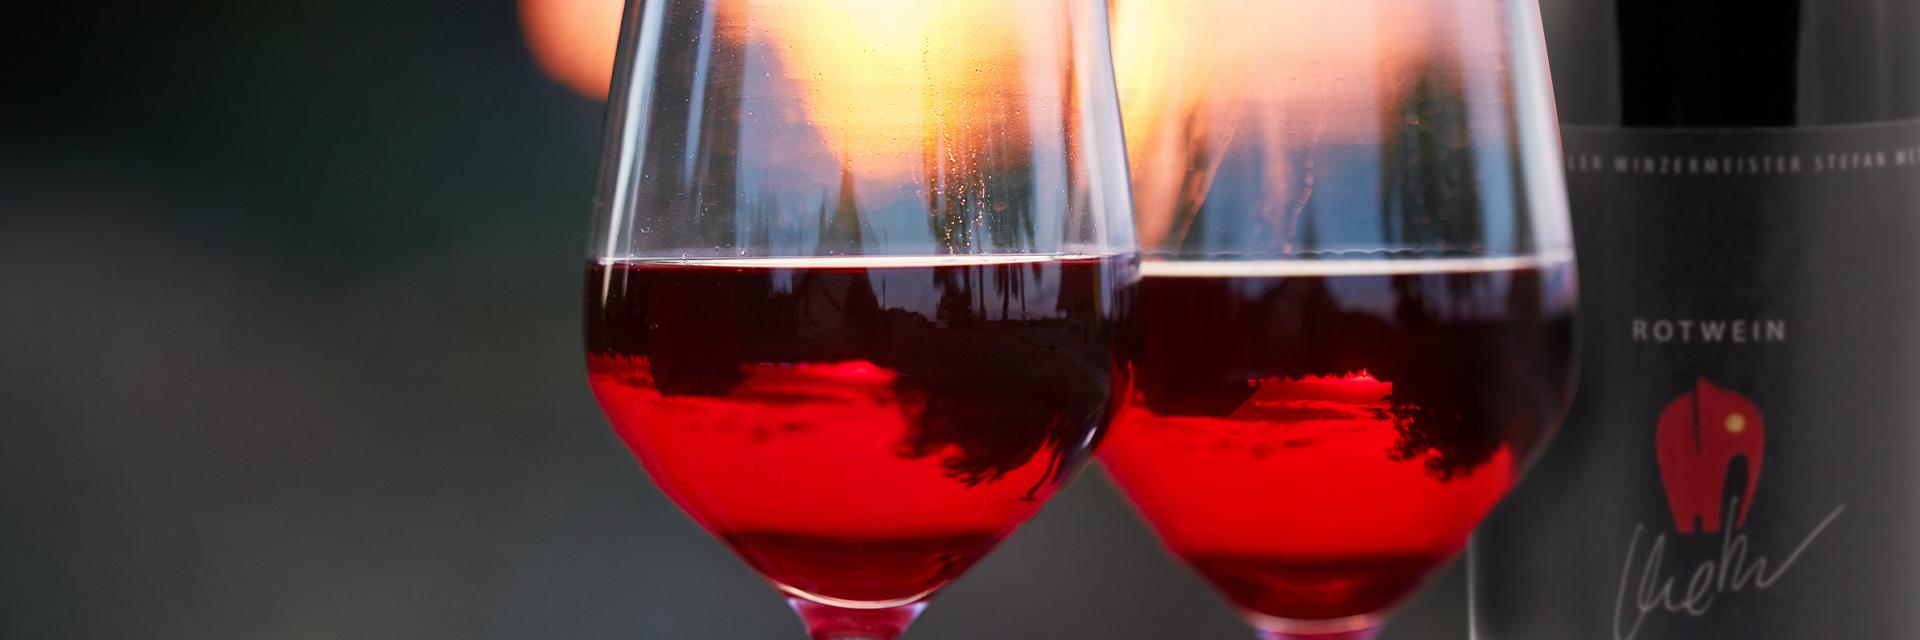 Rotwein aus Rheinhessen kaufen